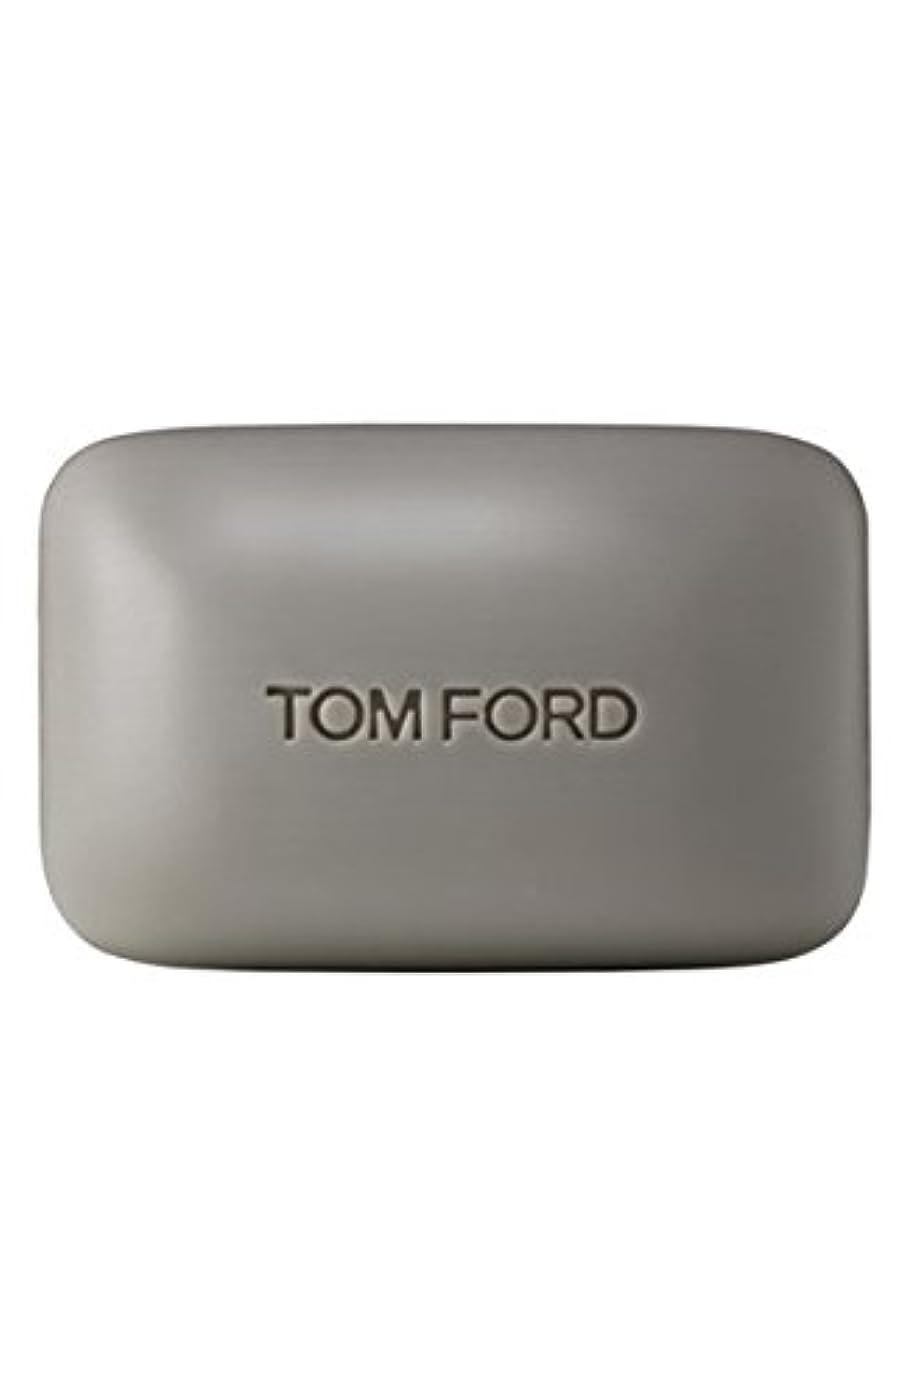 再現する無線穿孔するTom Ford Private Blend 'Oud Wood' (トムフォード プライベートブレンド オードウッド) 5.5 oz (165ml) Bar Soap (固形石鹸)